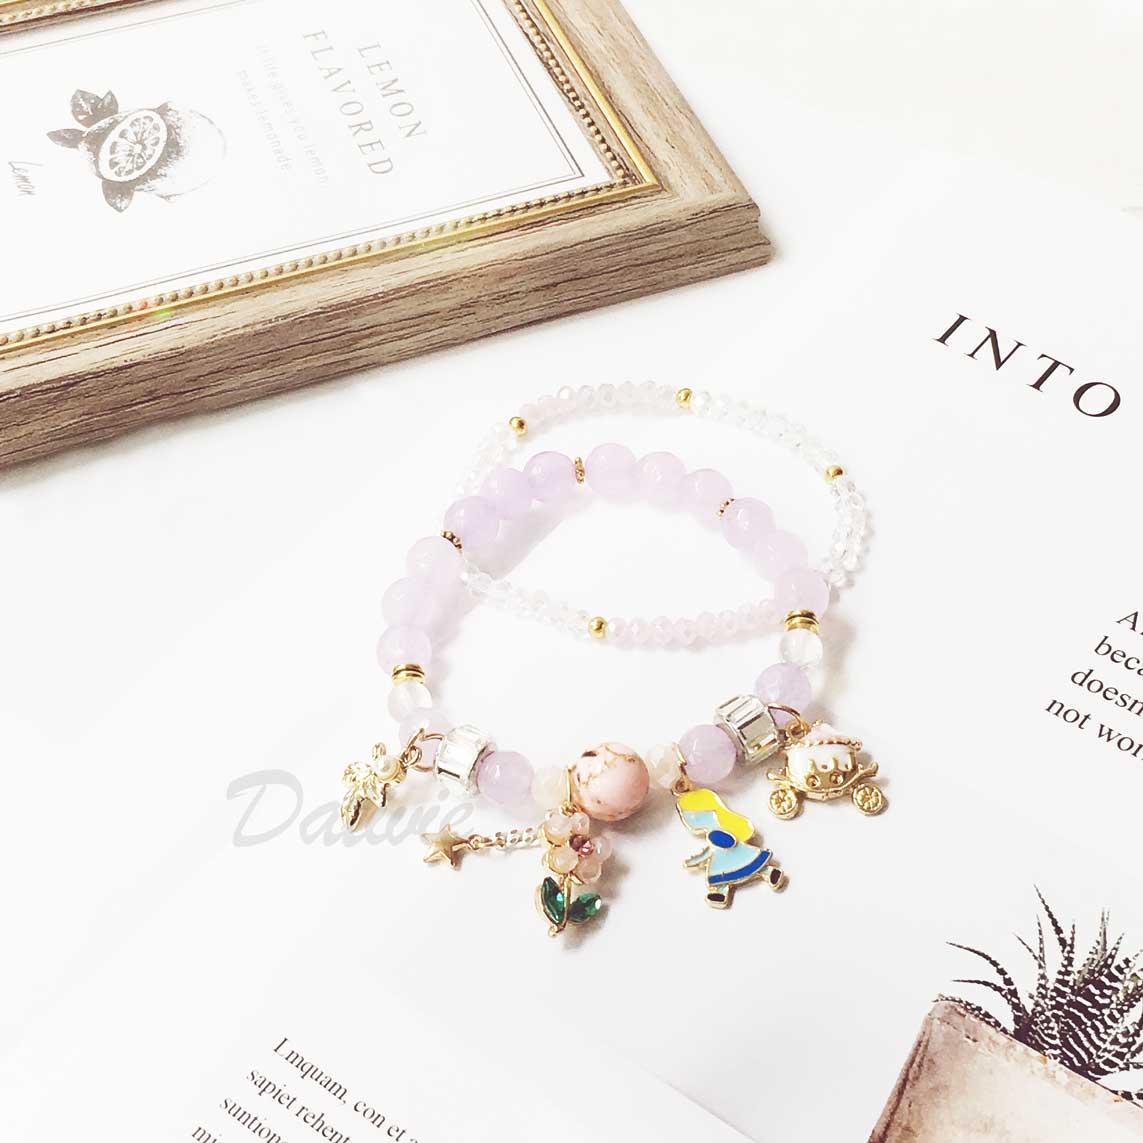 公主 馬車 葉子 玫瑰花 珍珠 2入 手環 手飾 串珠 垂墜手鍊